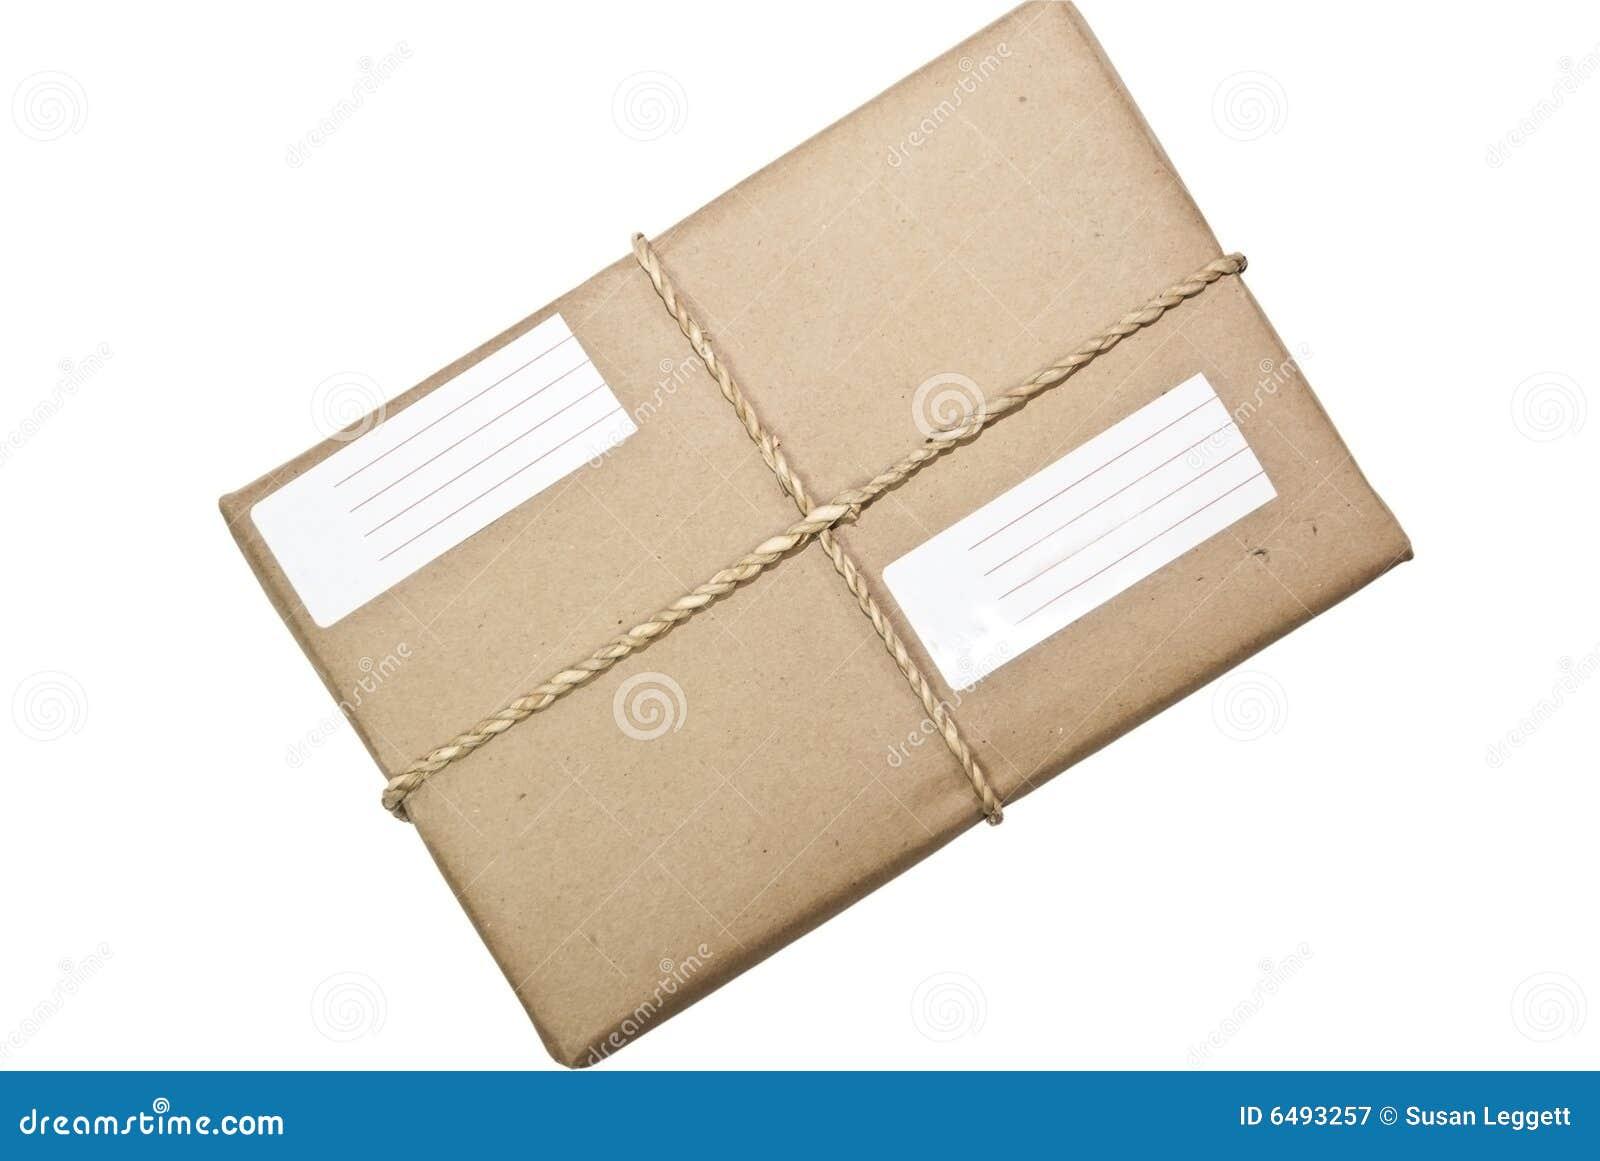 paket paket schnur und kennsatz stockbild bild 6493257. Black Bedroom Furniture Sets. Home Design Ideas